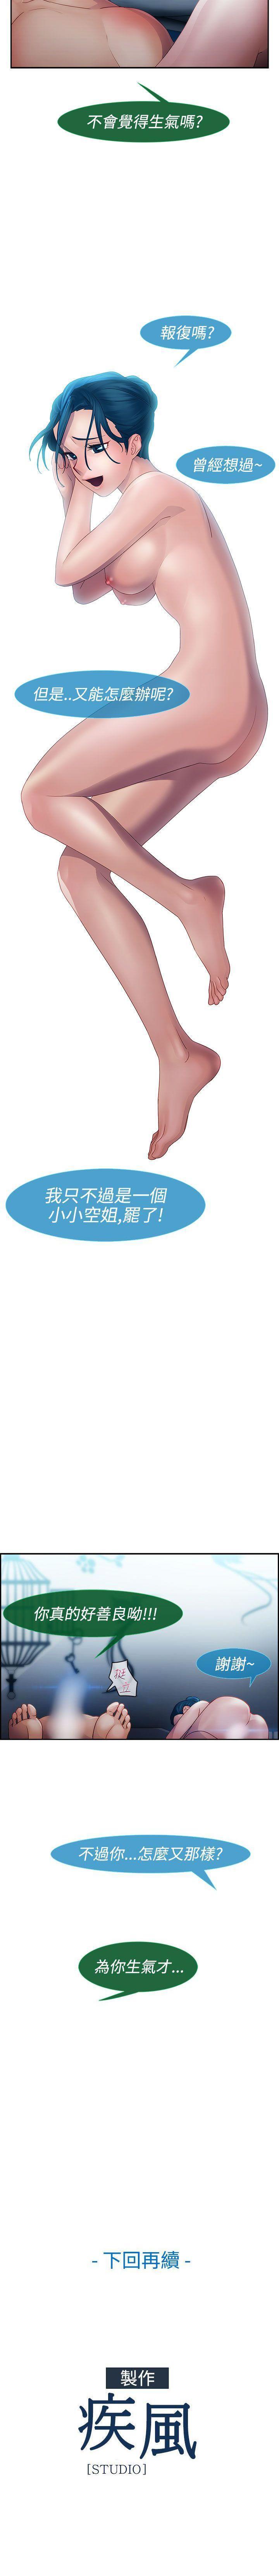 淑女花苑 1-80 160